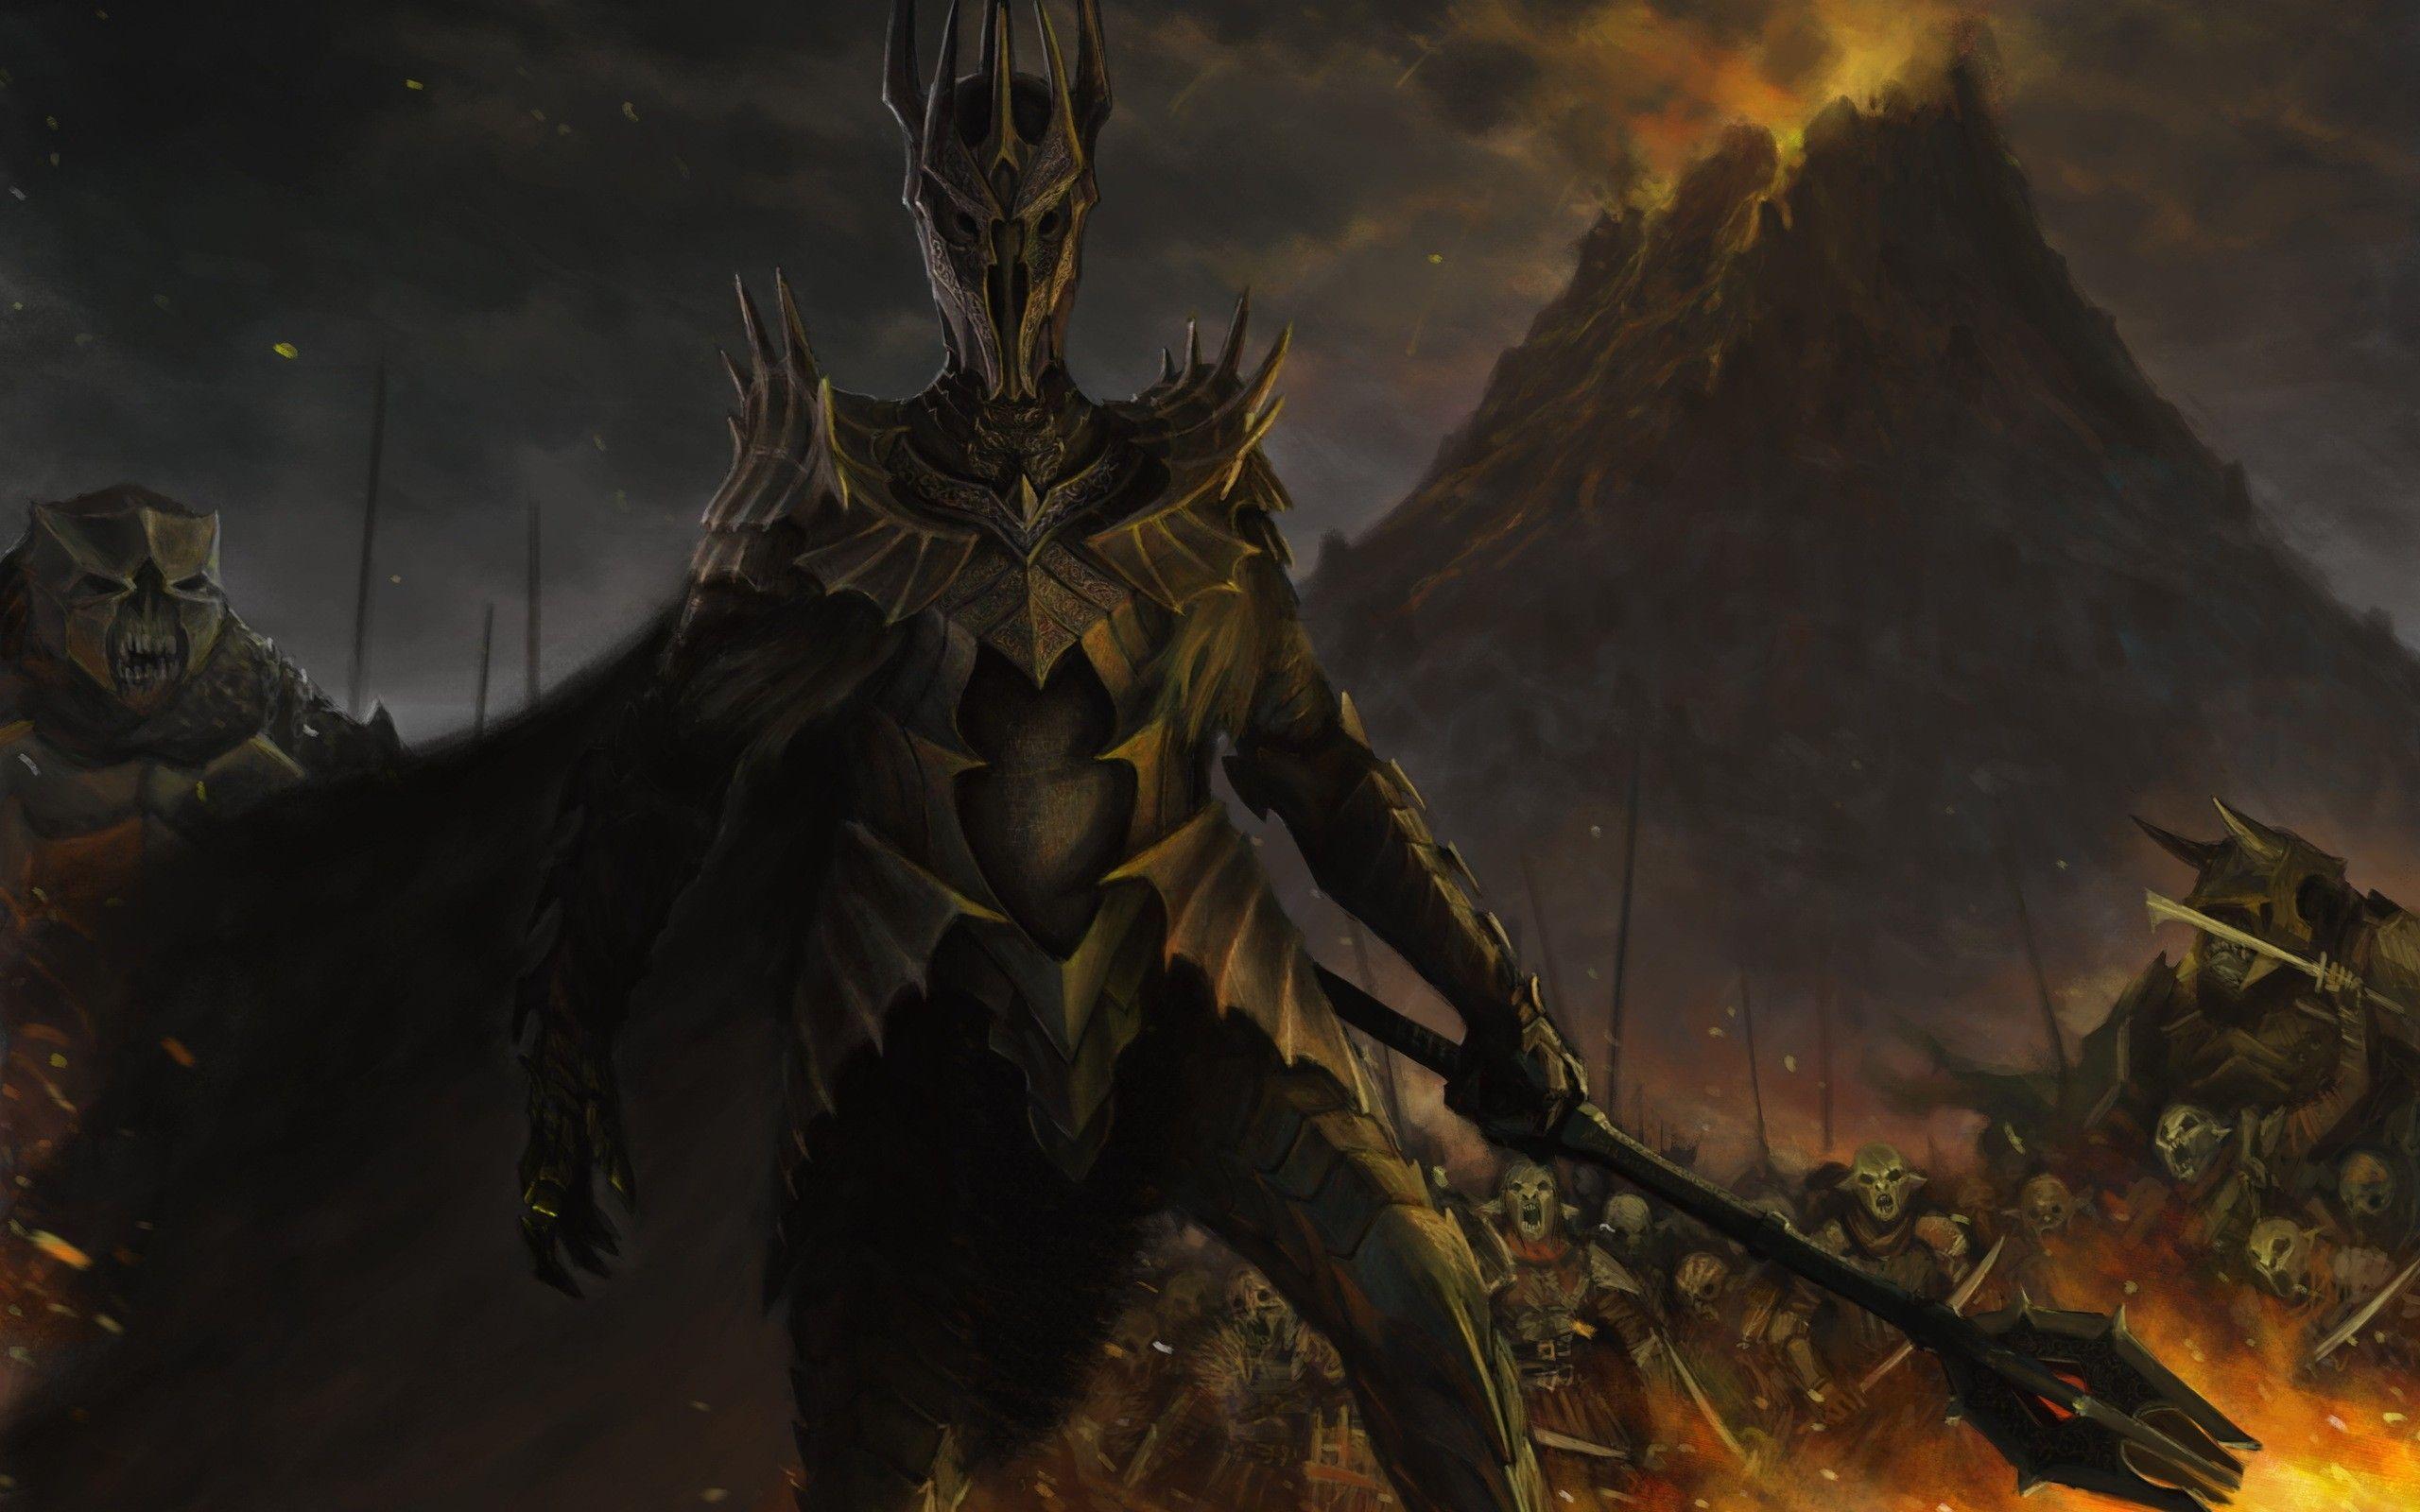 ¿Sauron es de la misma raza que Gandalf, Saruman y Radagast?